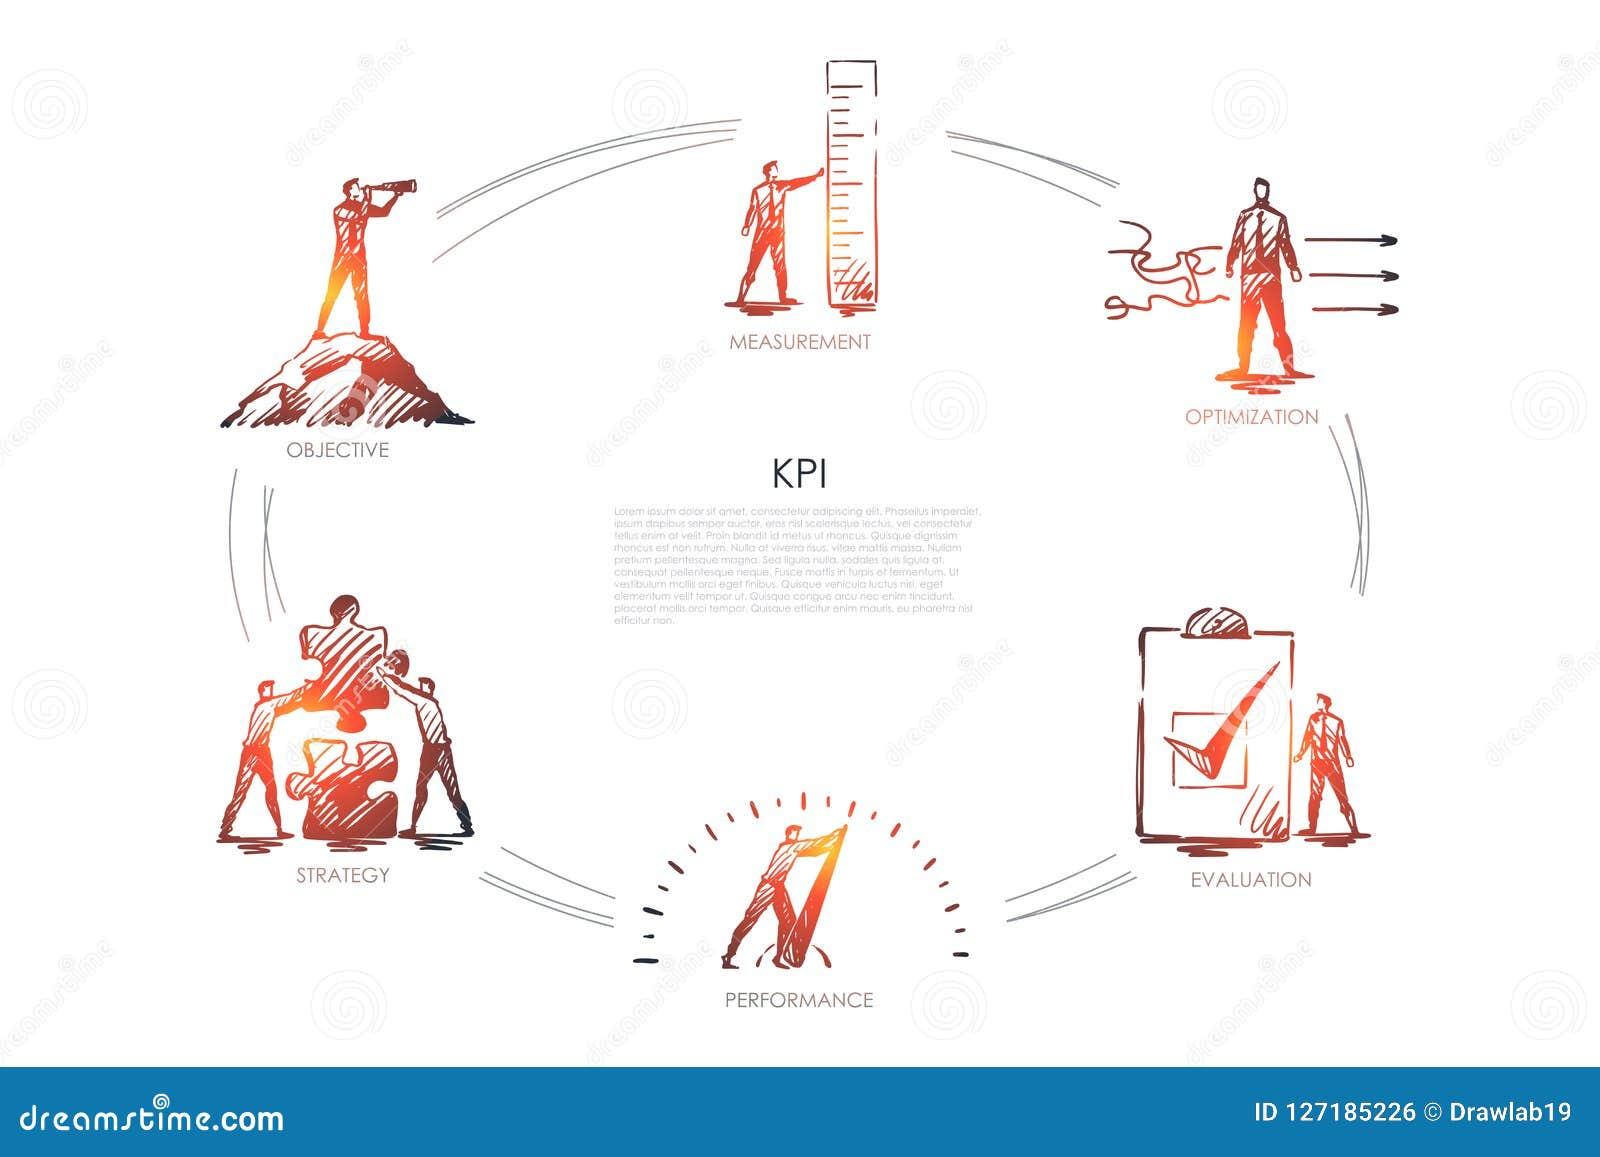 KPI - measurement, optimization, evaluation, perfomance, strategy set concept.